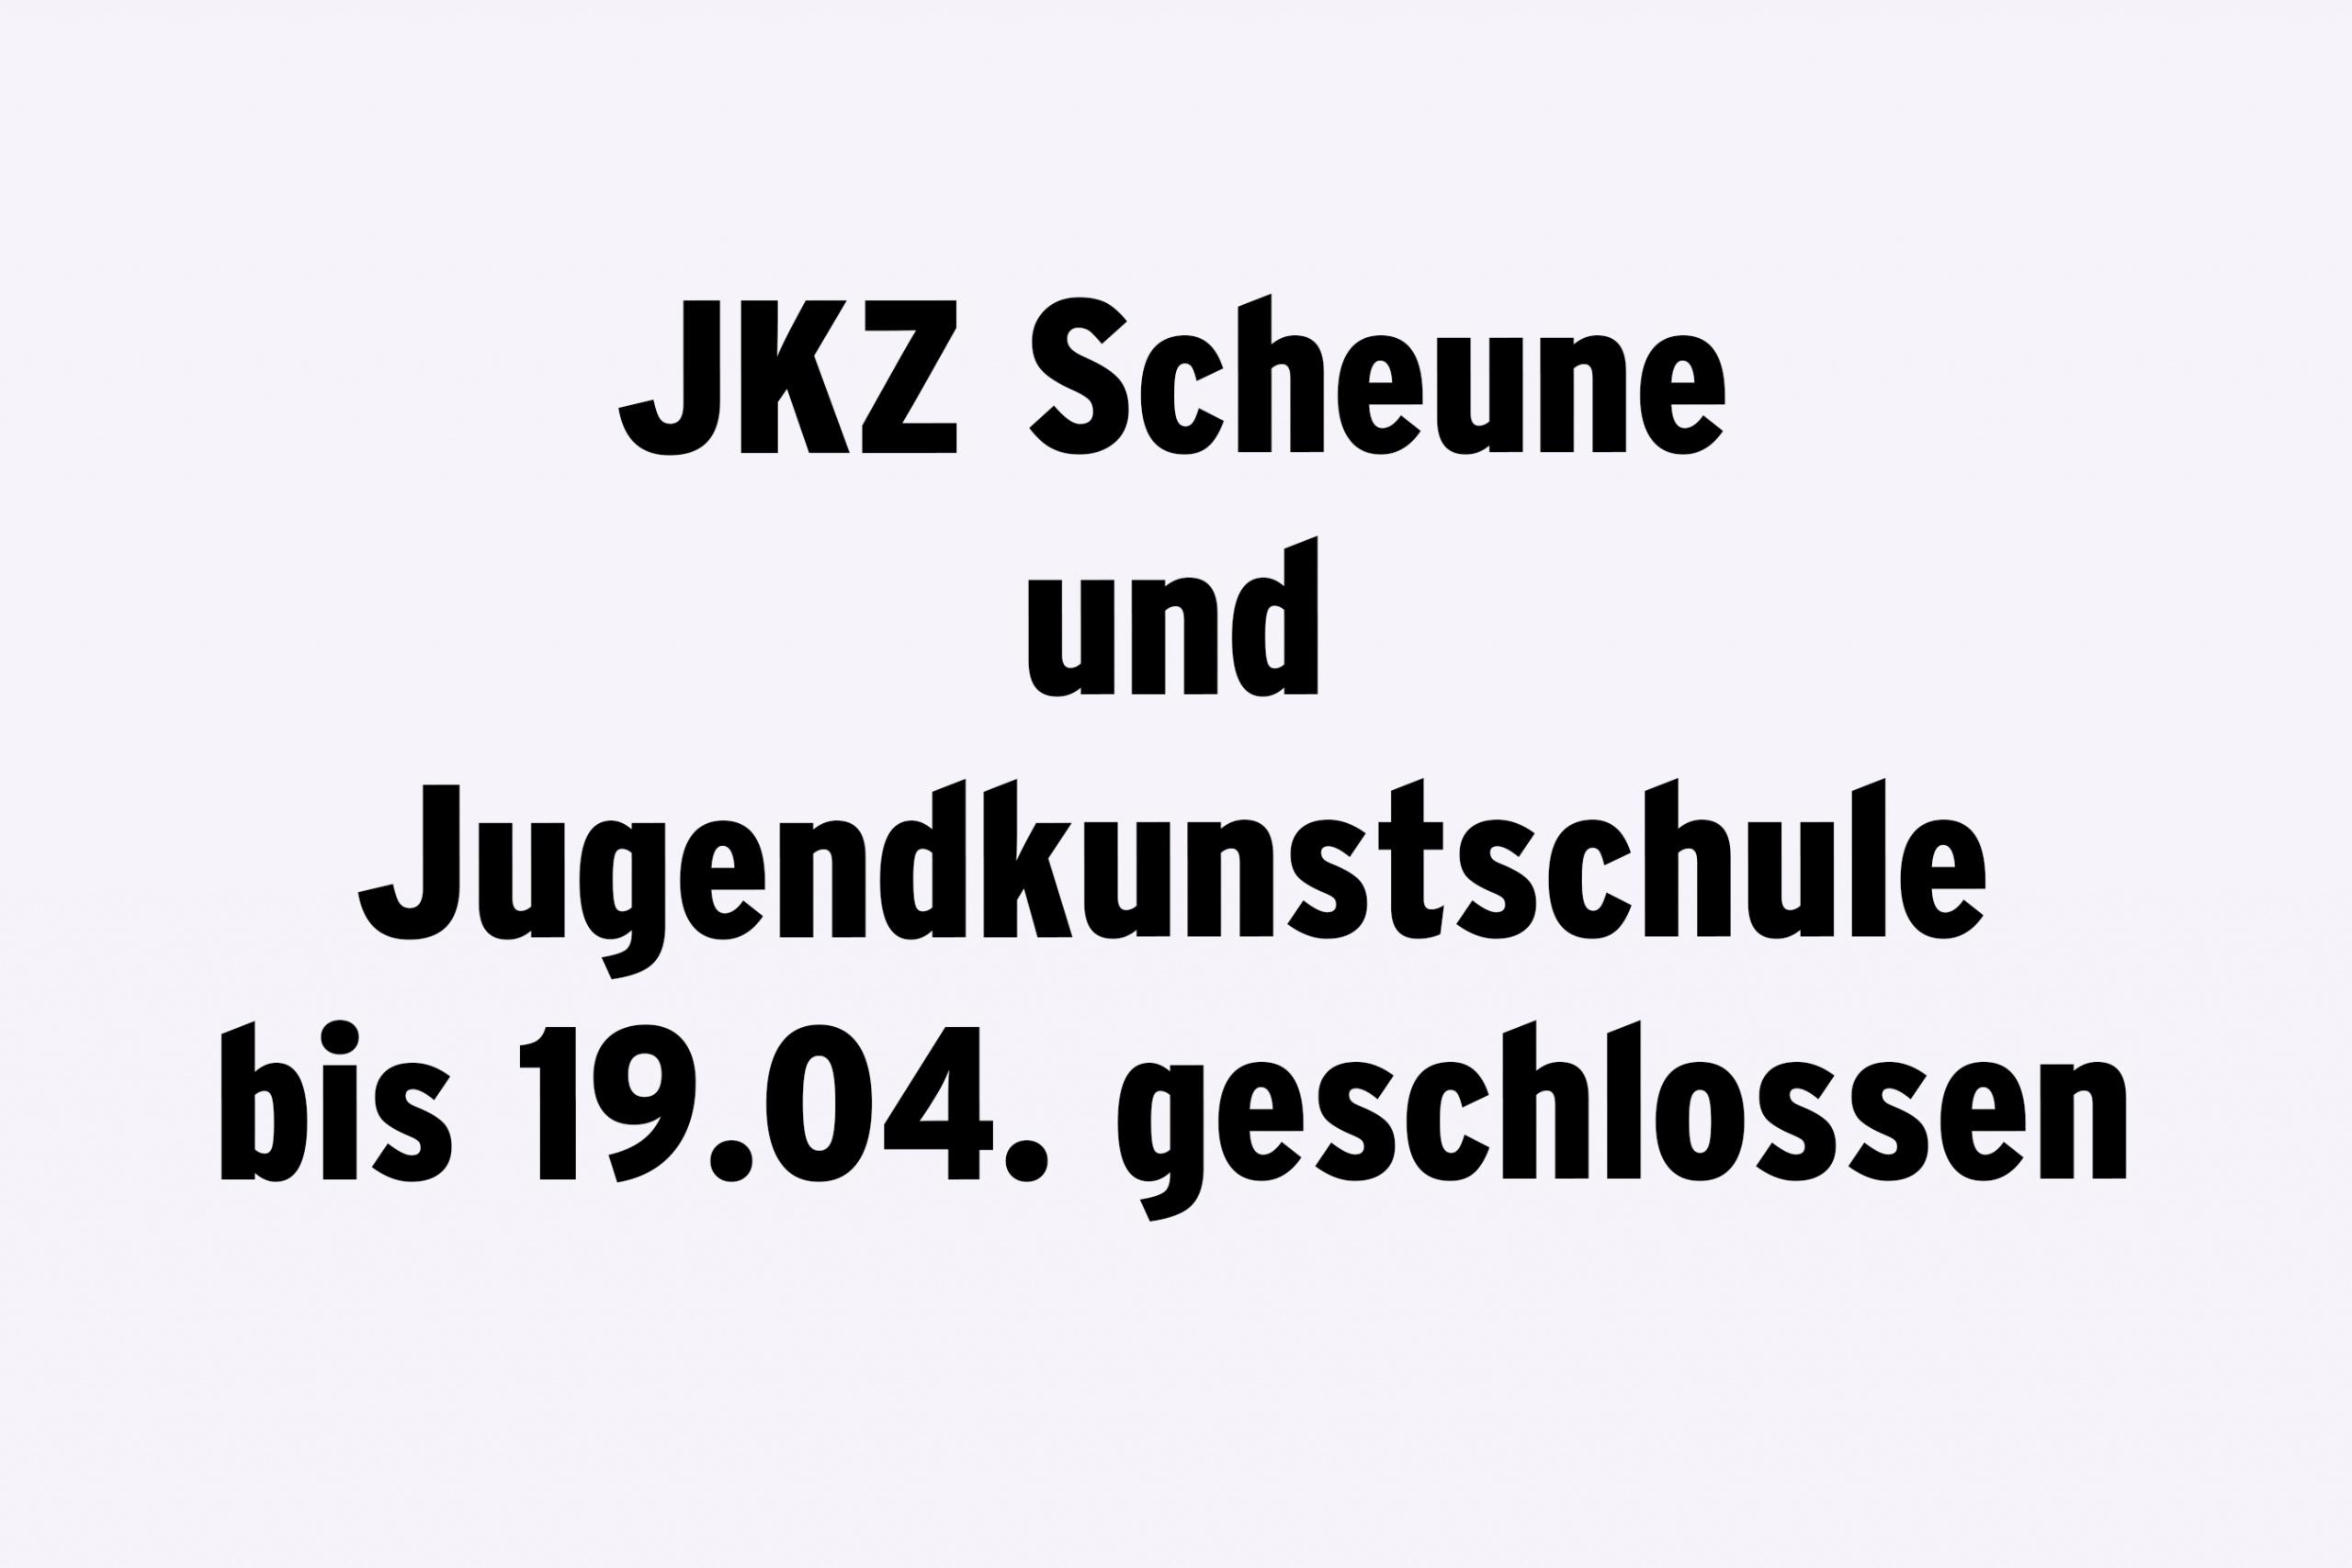 JKZ Scheune und Jugendkunstschule bis 19.04. geschlossen